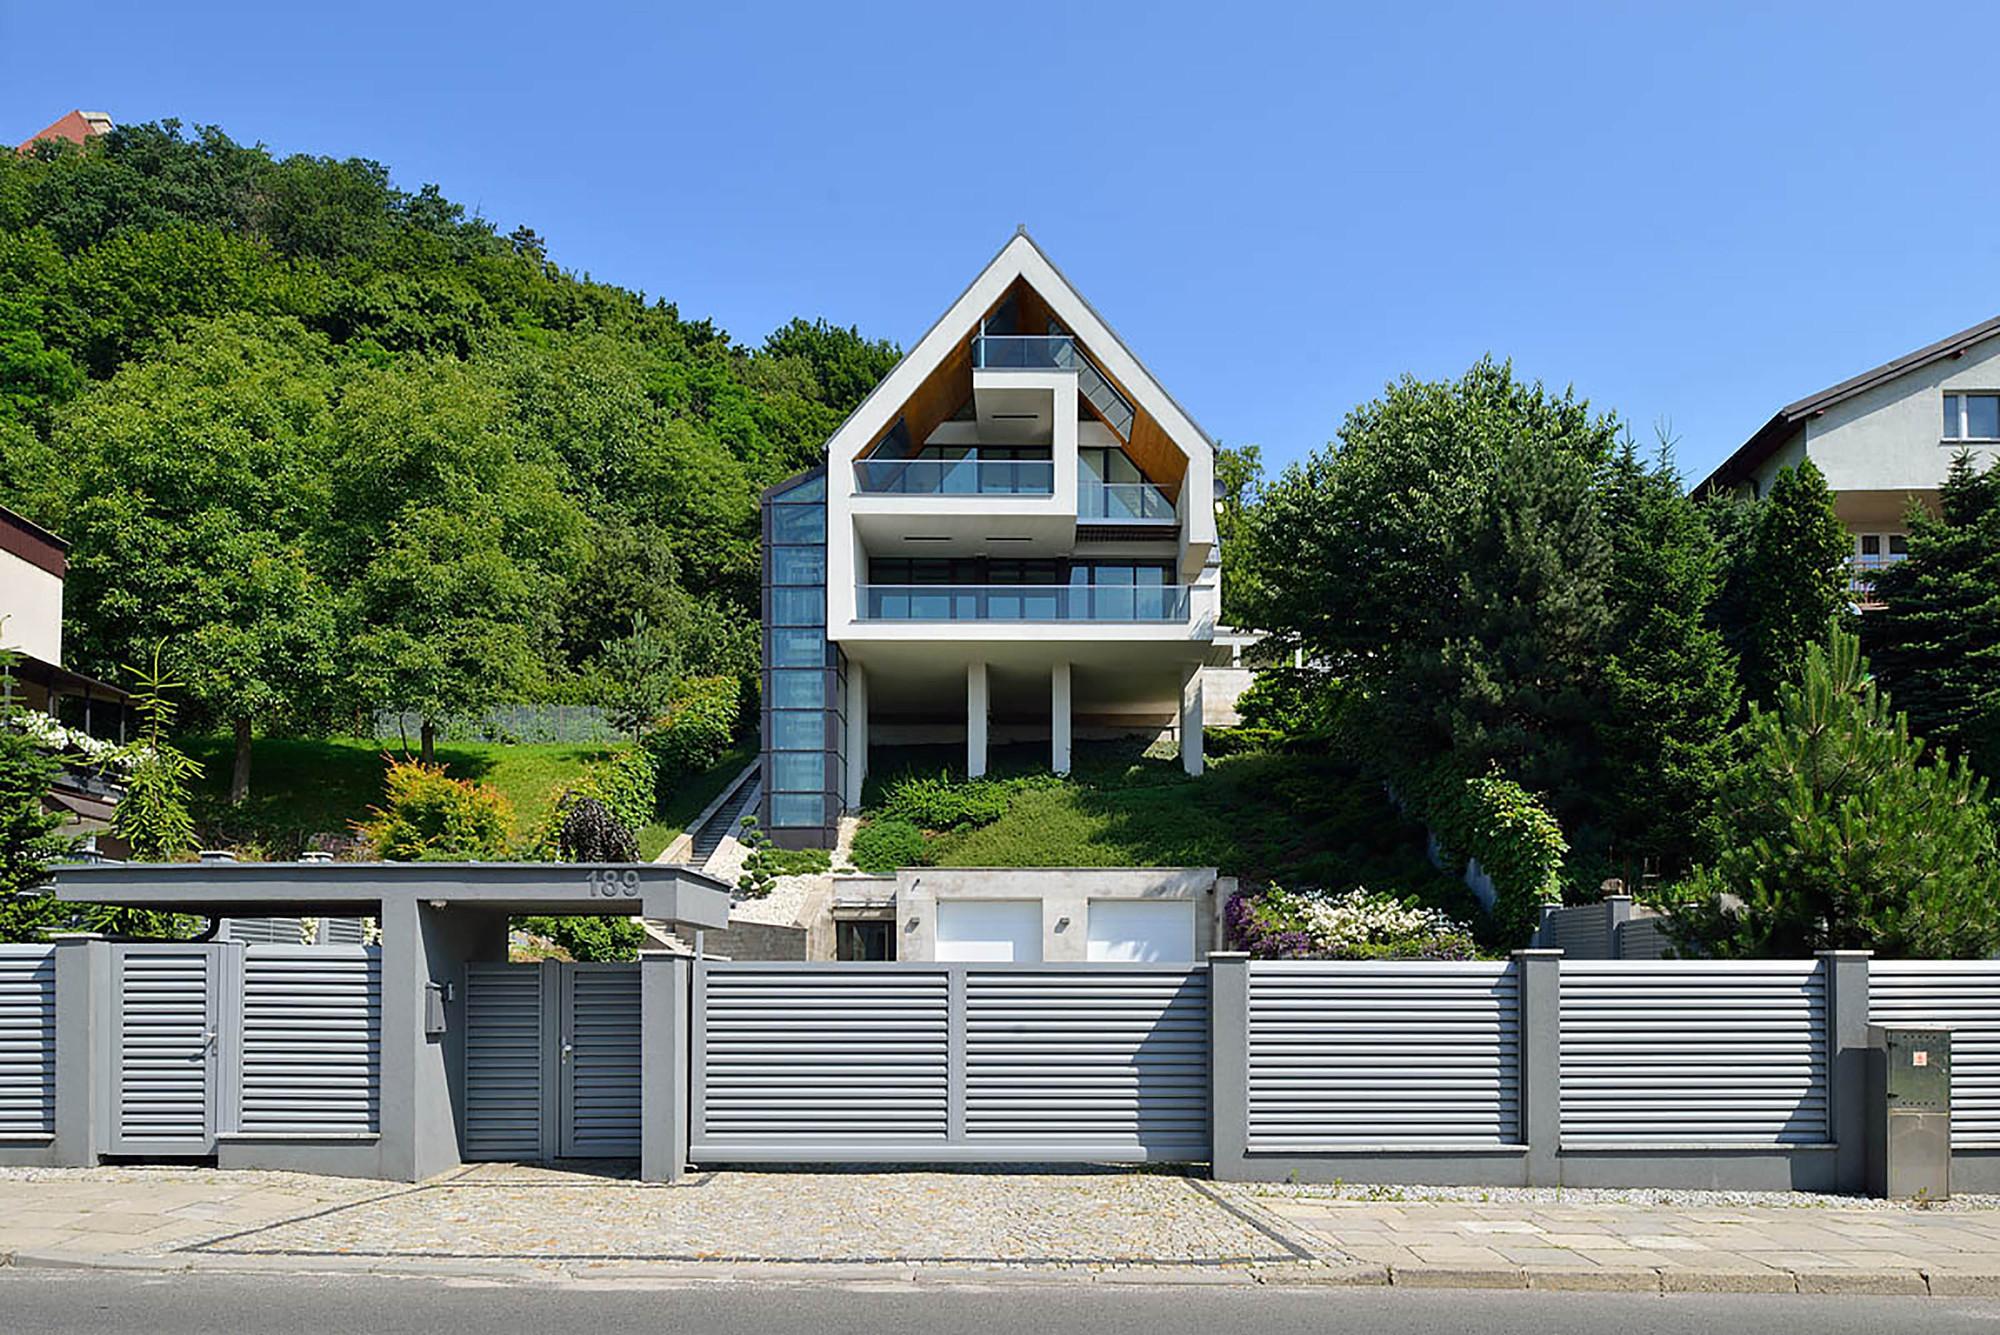 GG House / Architekt.Lemanski, © Tomasz Zakrzewski